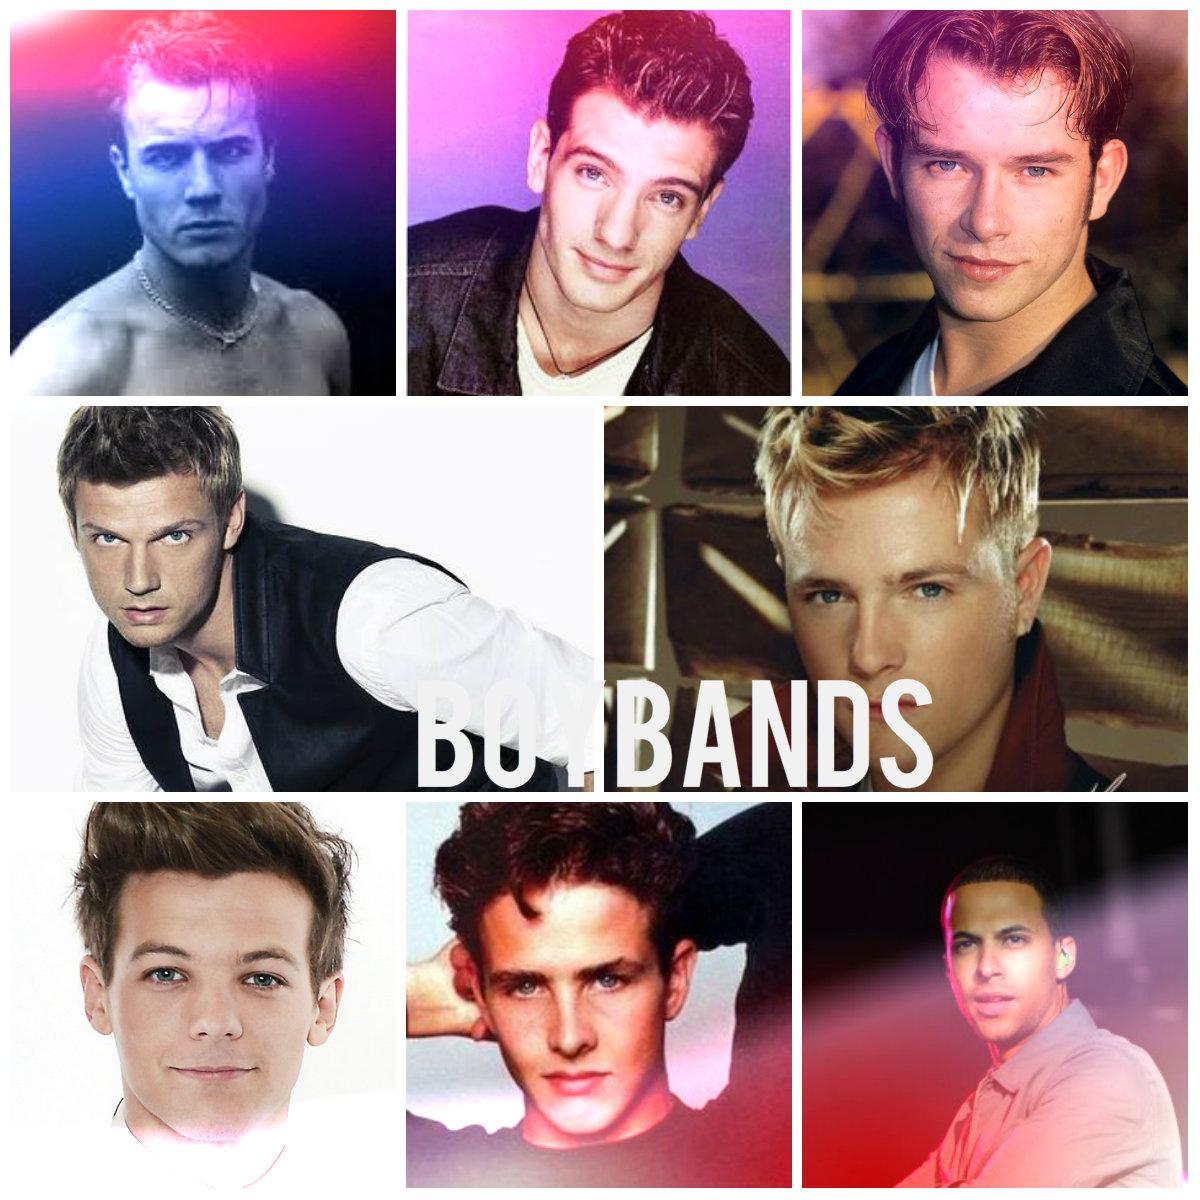 Los 10 mejores grupos de hombres (boybands)